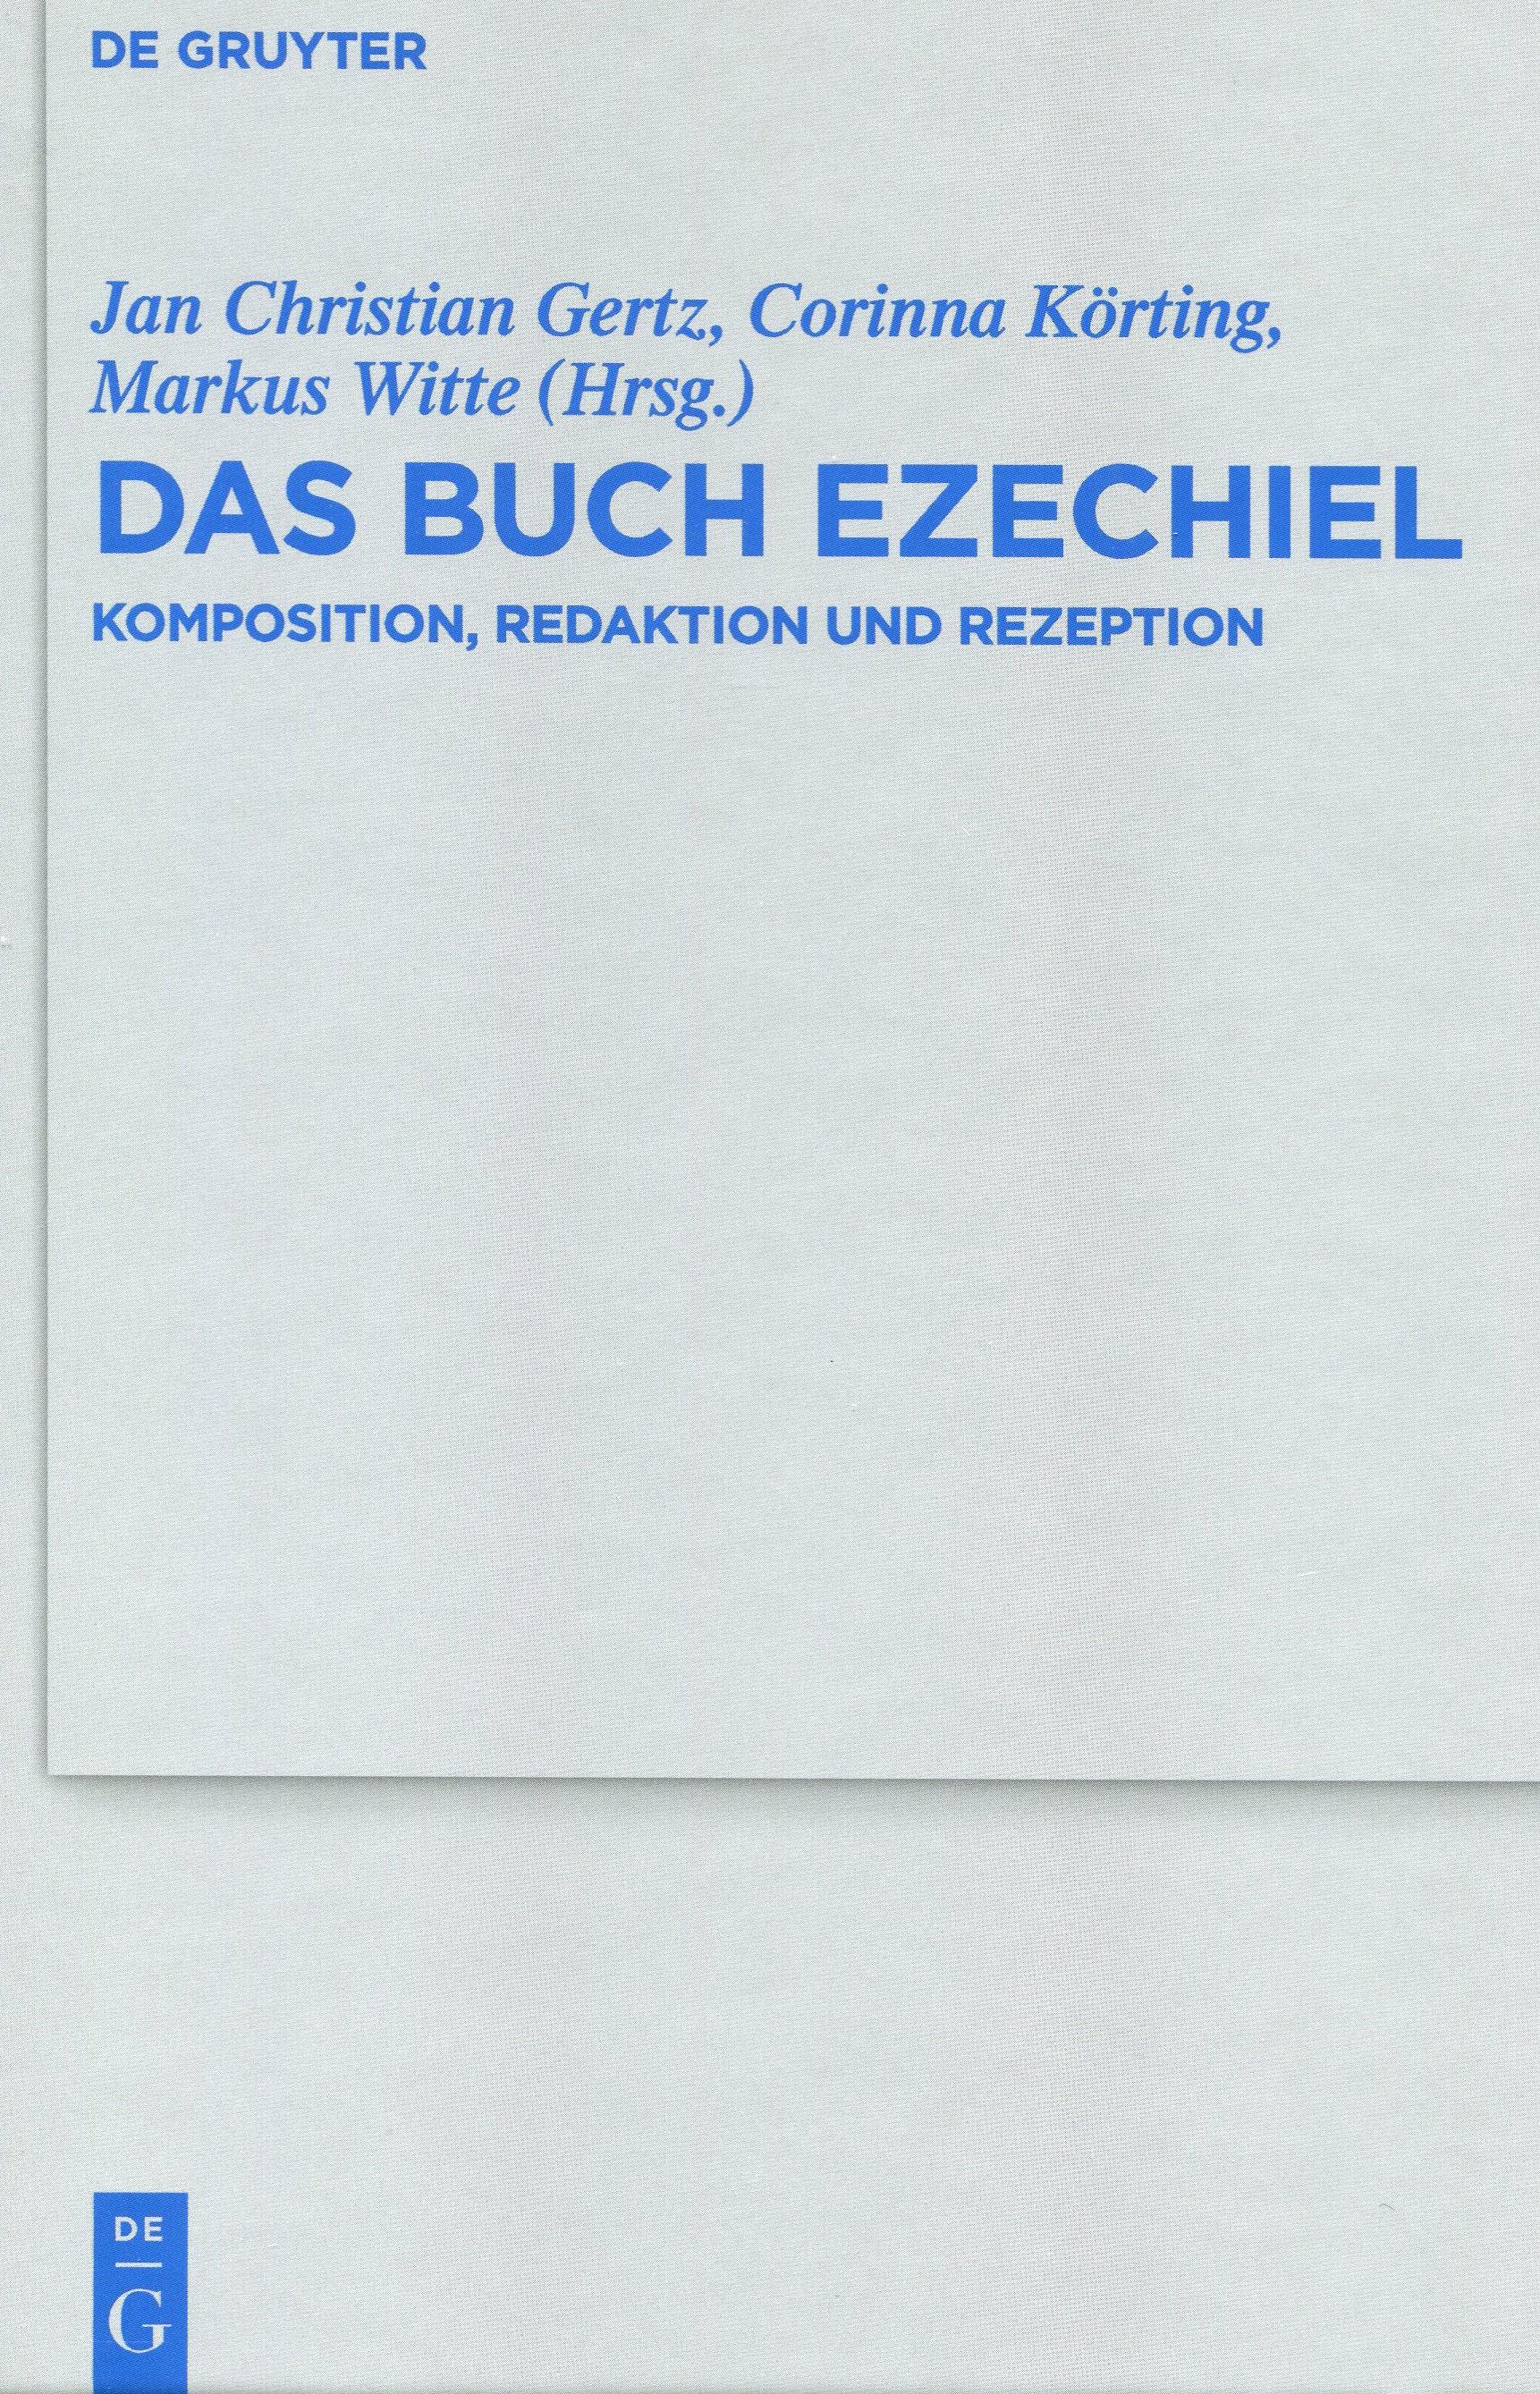 Ezechiel-Cover.jpg